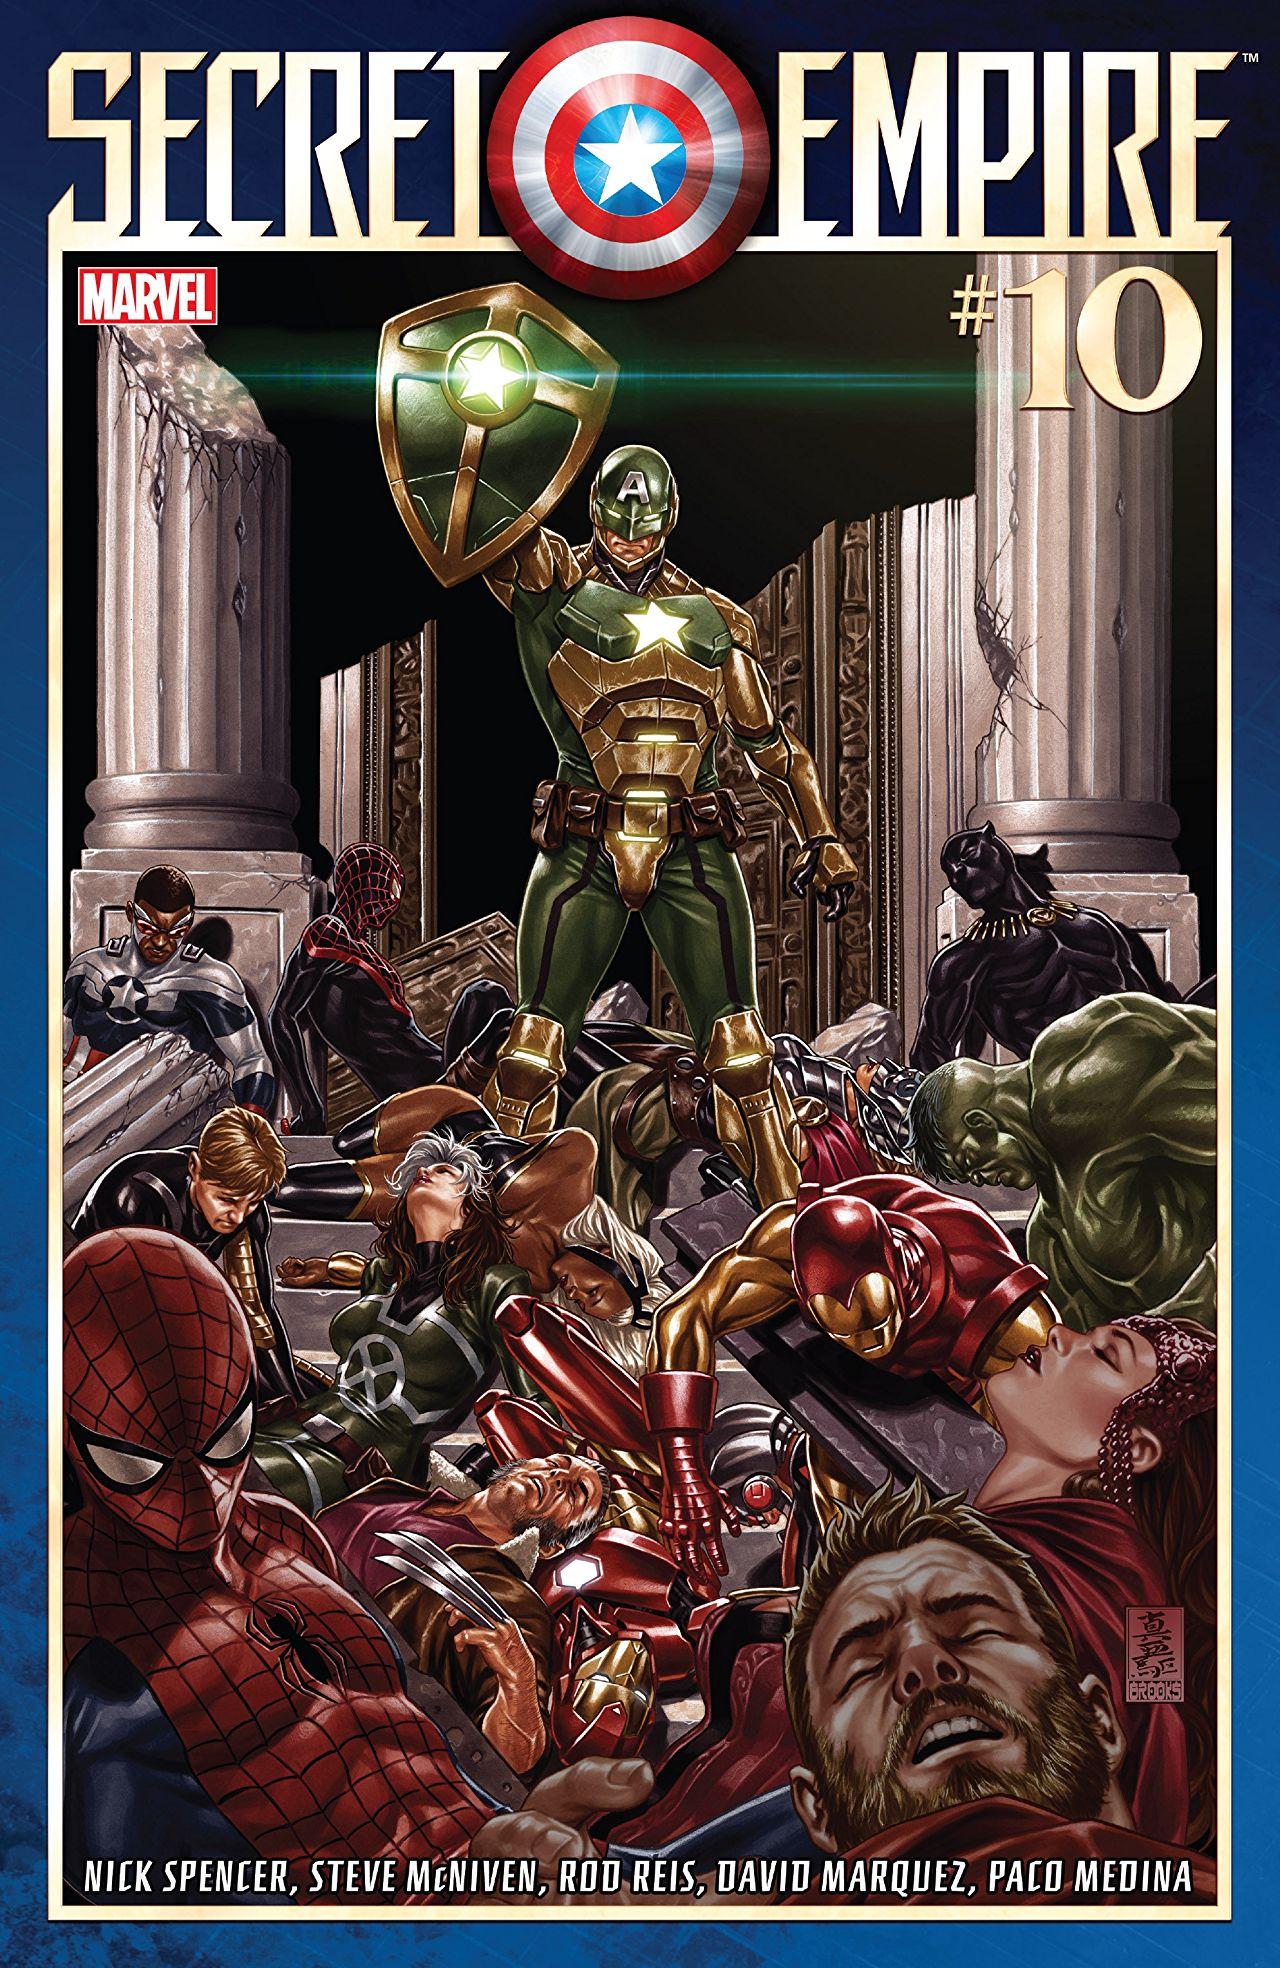 Secret Empire #10 Cover